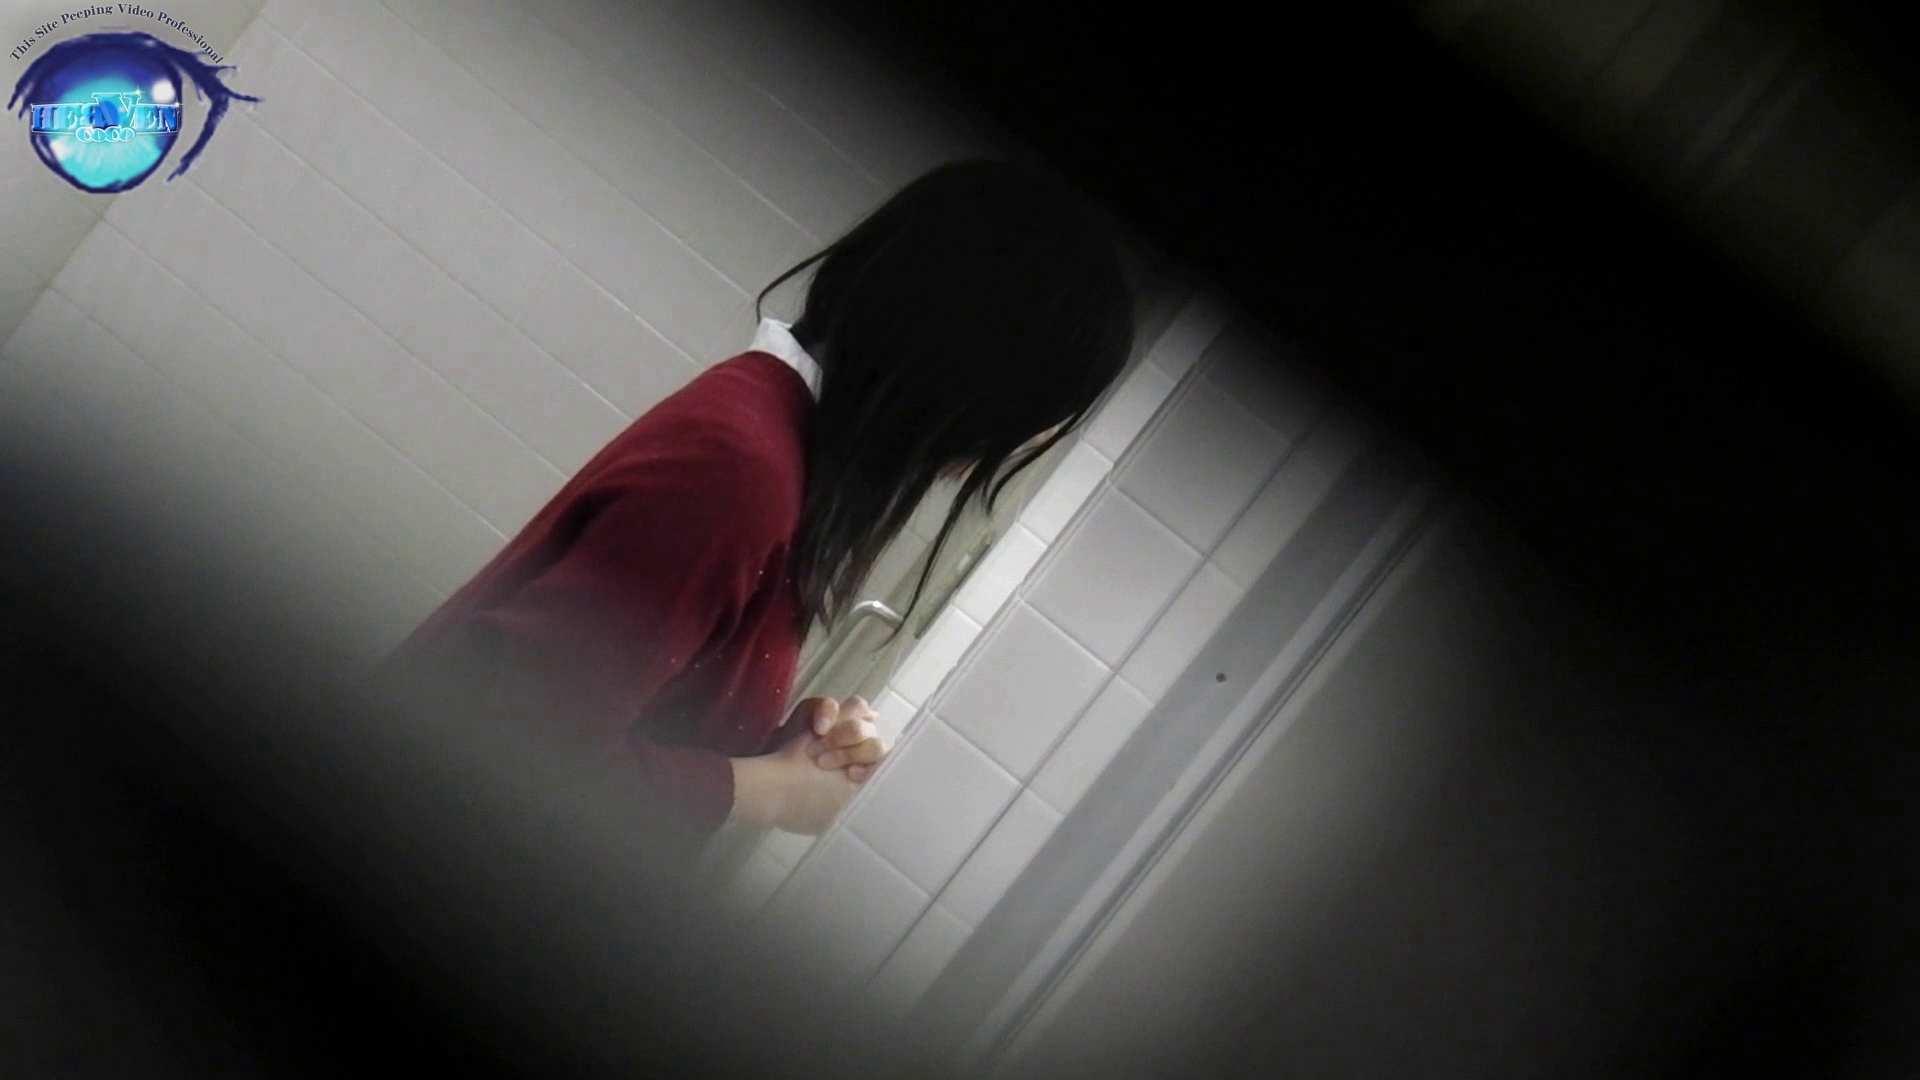 お銀さん vol.59 ピンチ!!「鏡の前で祈る女性」にばれる危機 後編 0  77連発 74